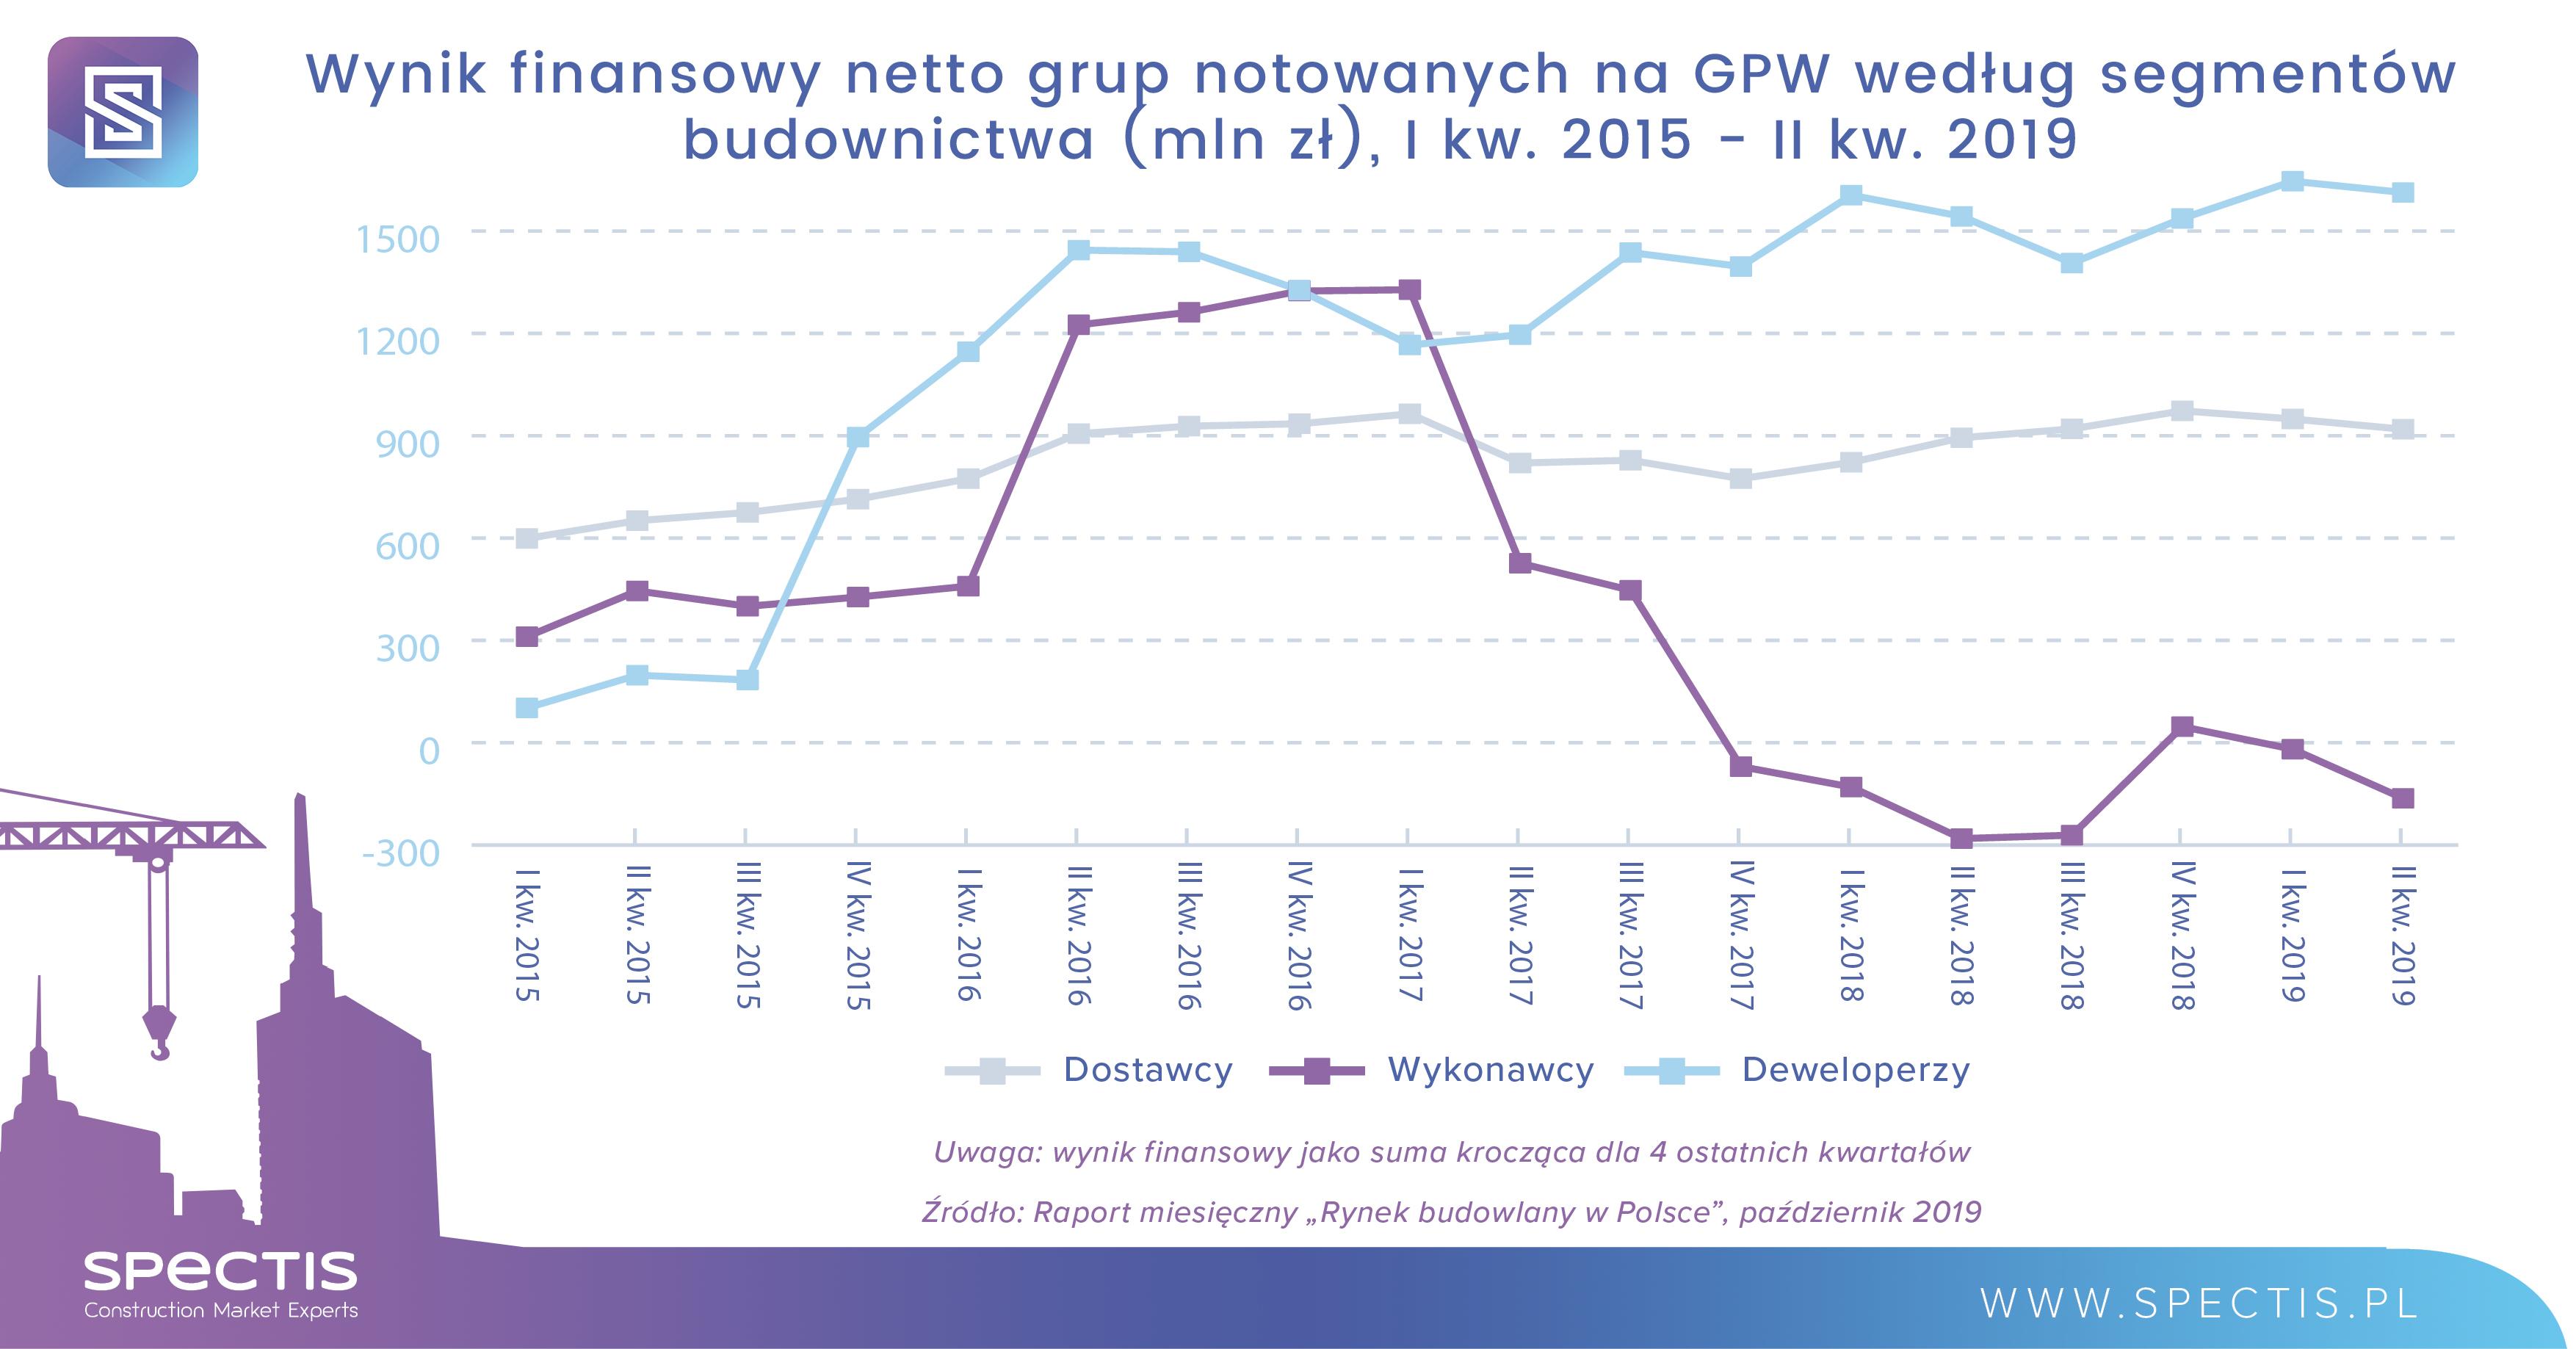 Ujemna rentowność firm budowlanych z GPW po II kw. 2019